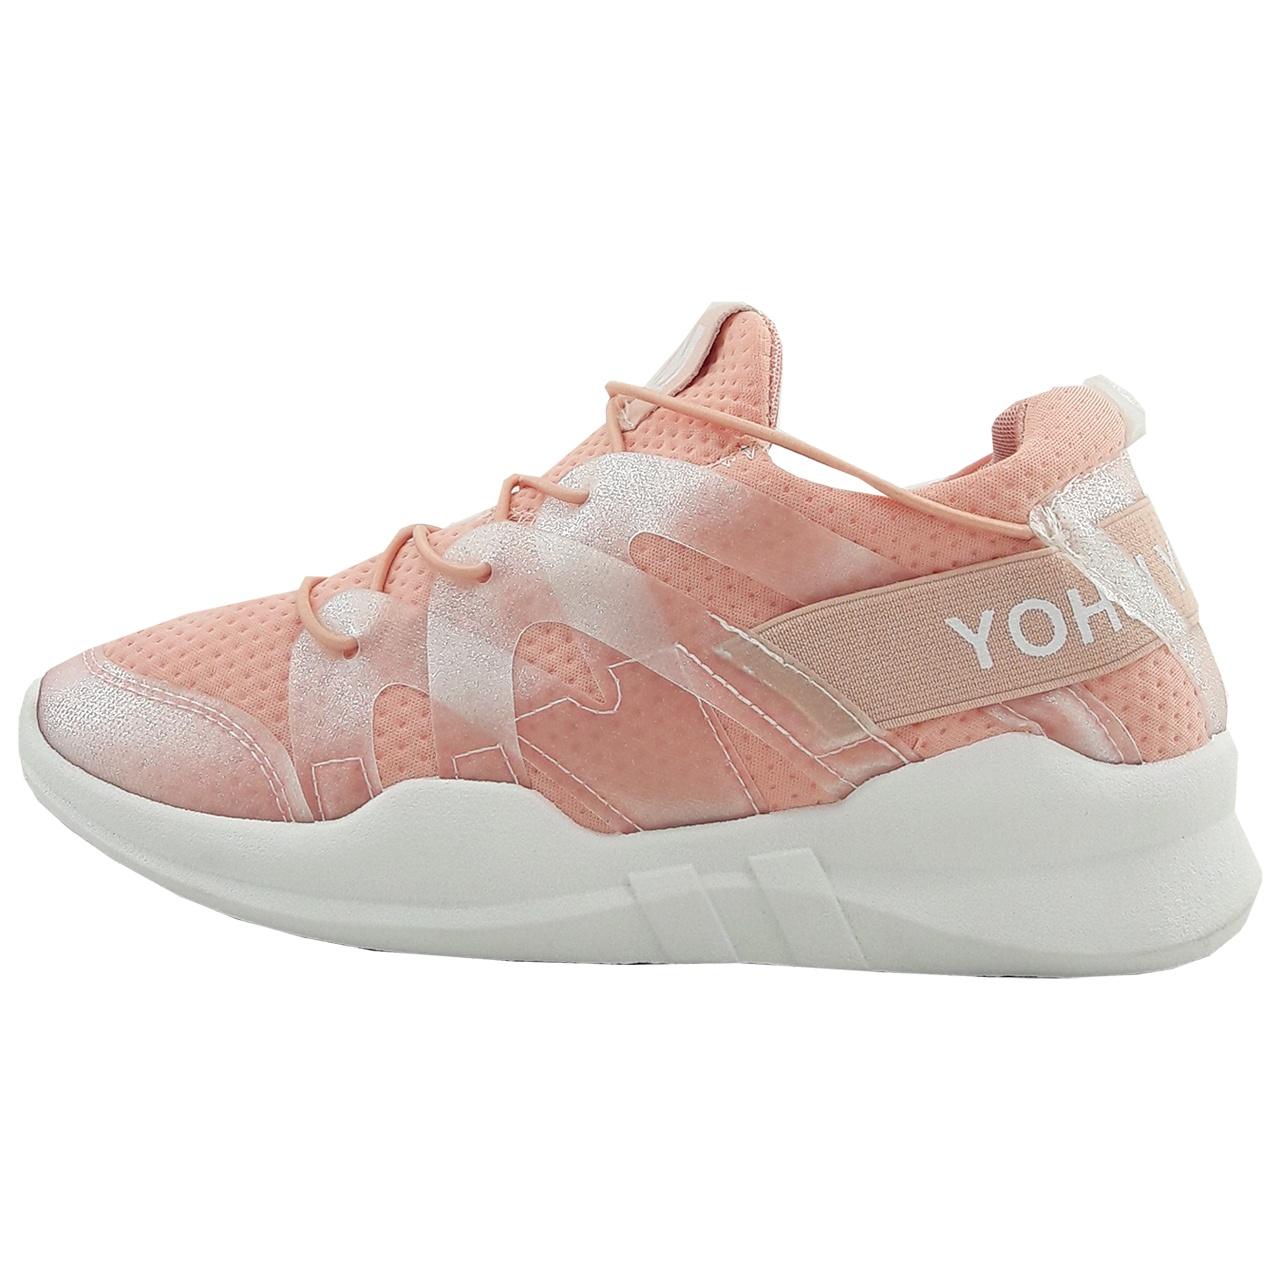 کفش راحتی زنانه یوجی یاماموتو مدل Glb 01